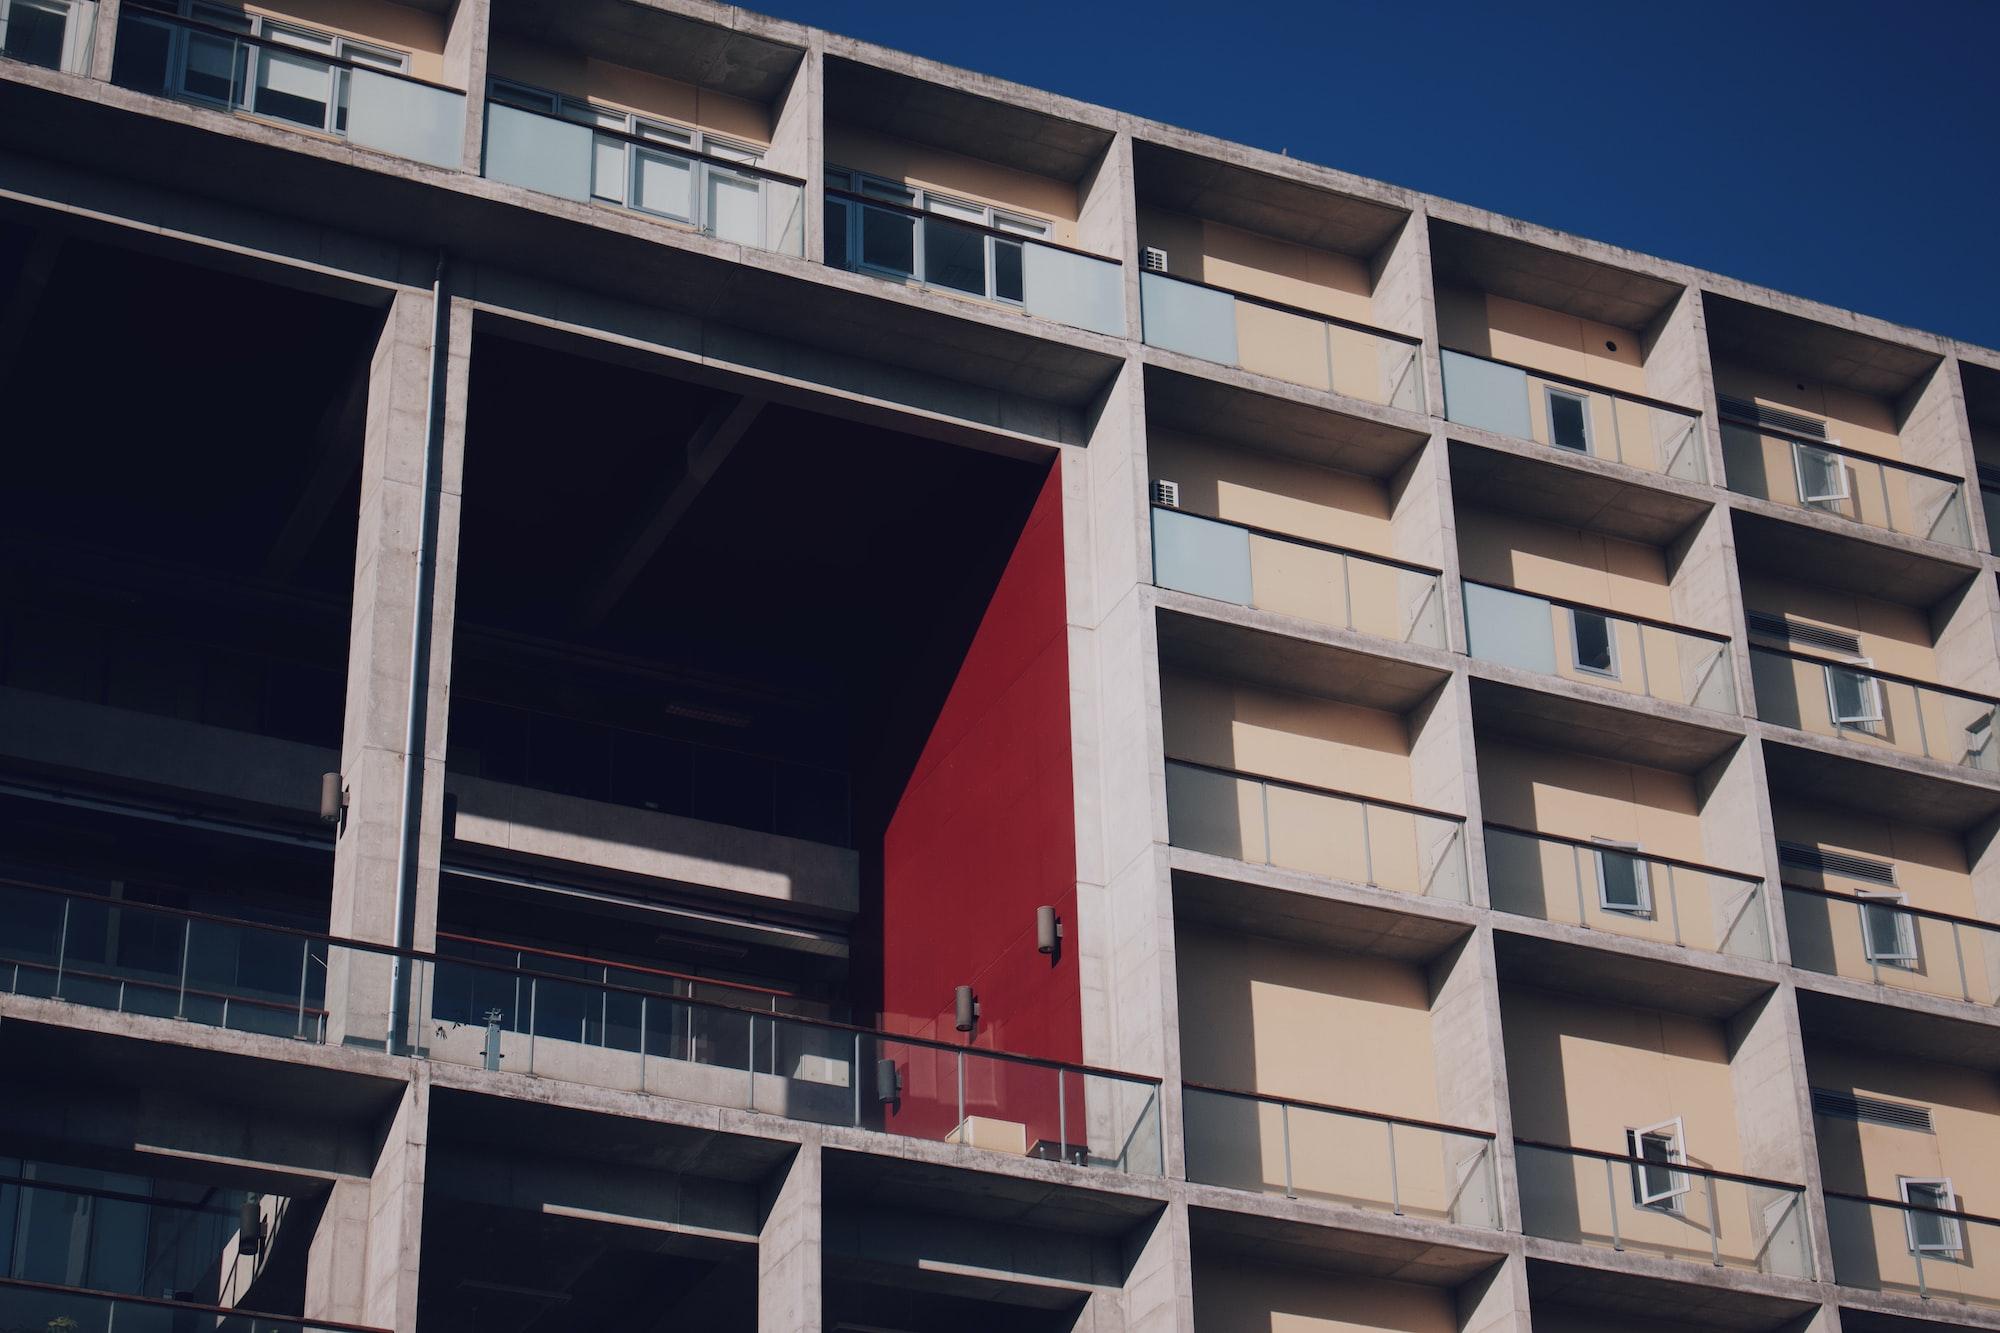 De avaliação de imóveis em carteira a planos de expansão, os dados imobiliários tem sido usado para tomar decisões de investimento. Photo by wen chen / Unsplash